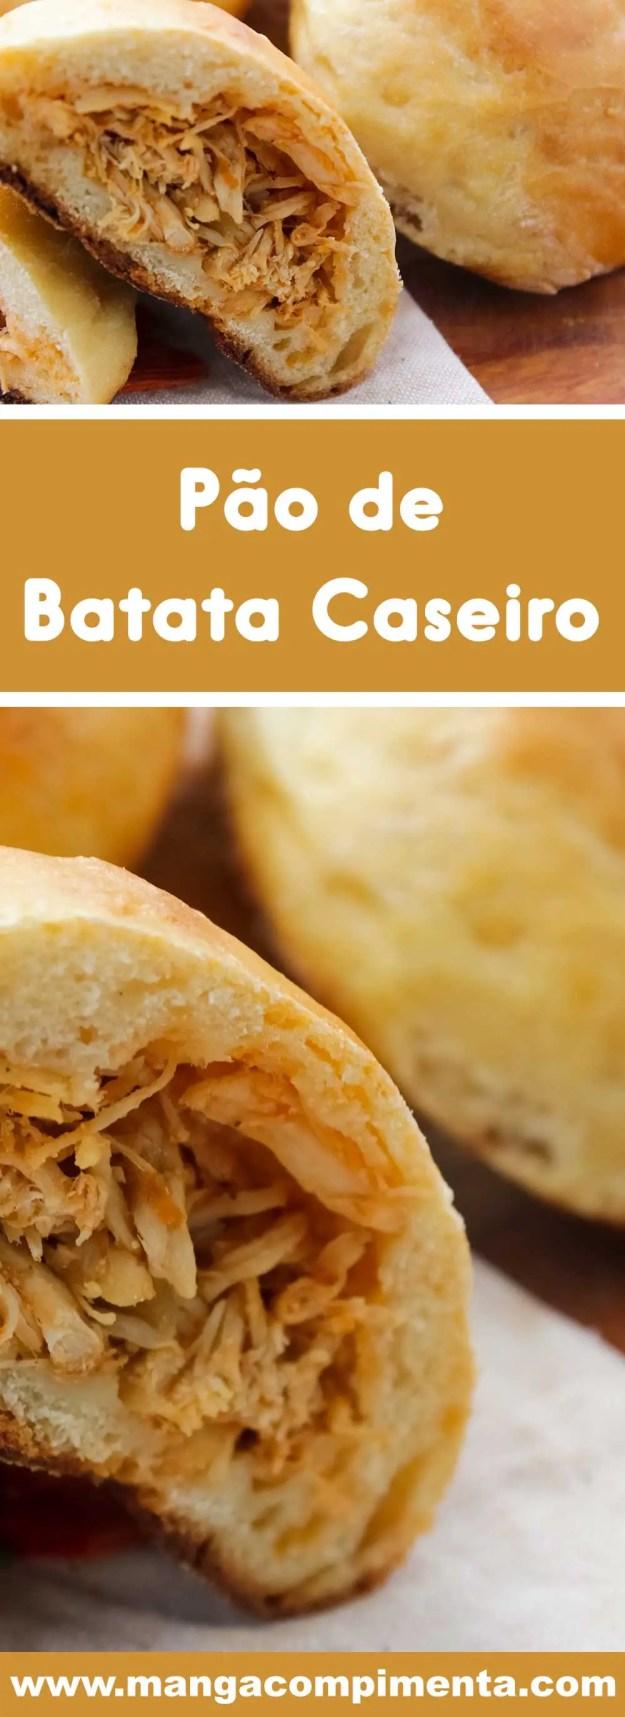 Receita de Pão de Batata Recheado com Frango - Youtube - um lanche delicioso para o final de semana com a família.